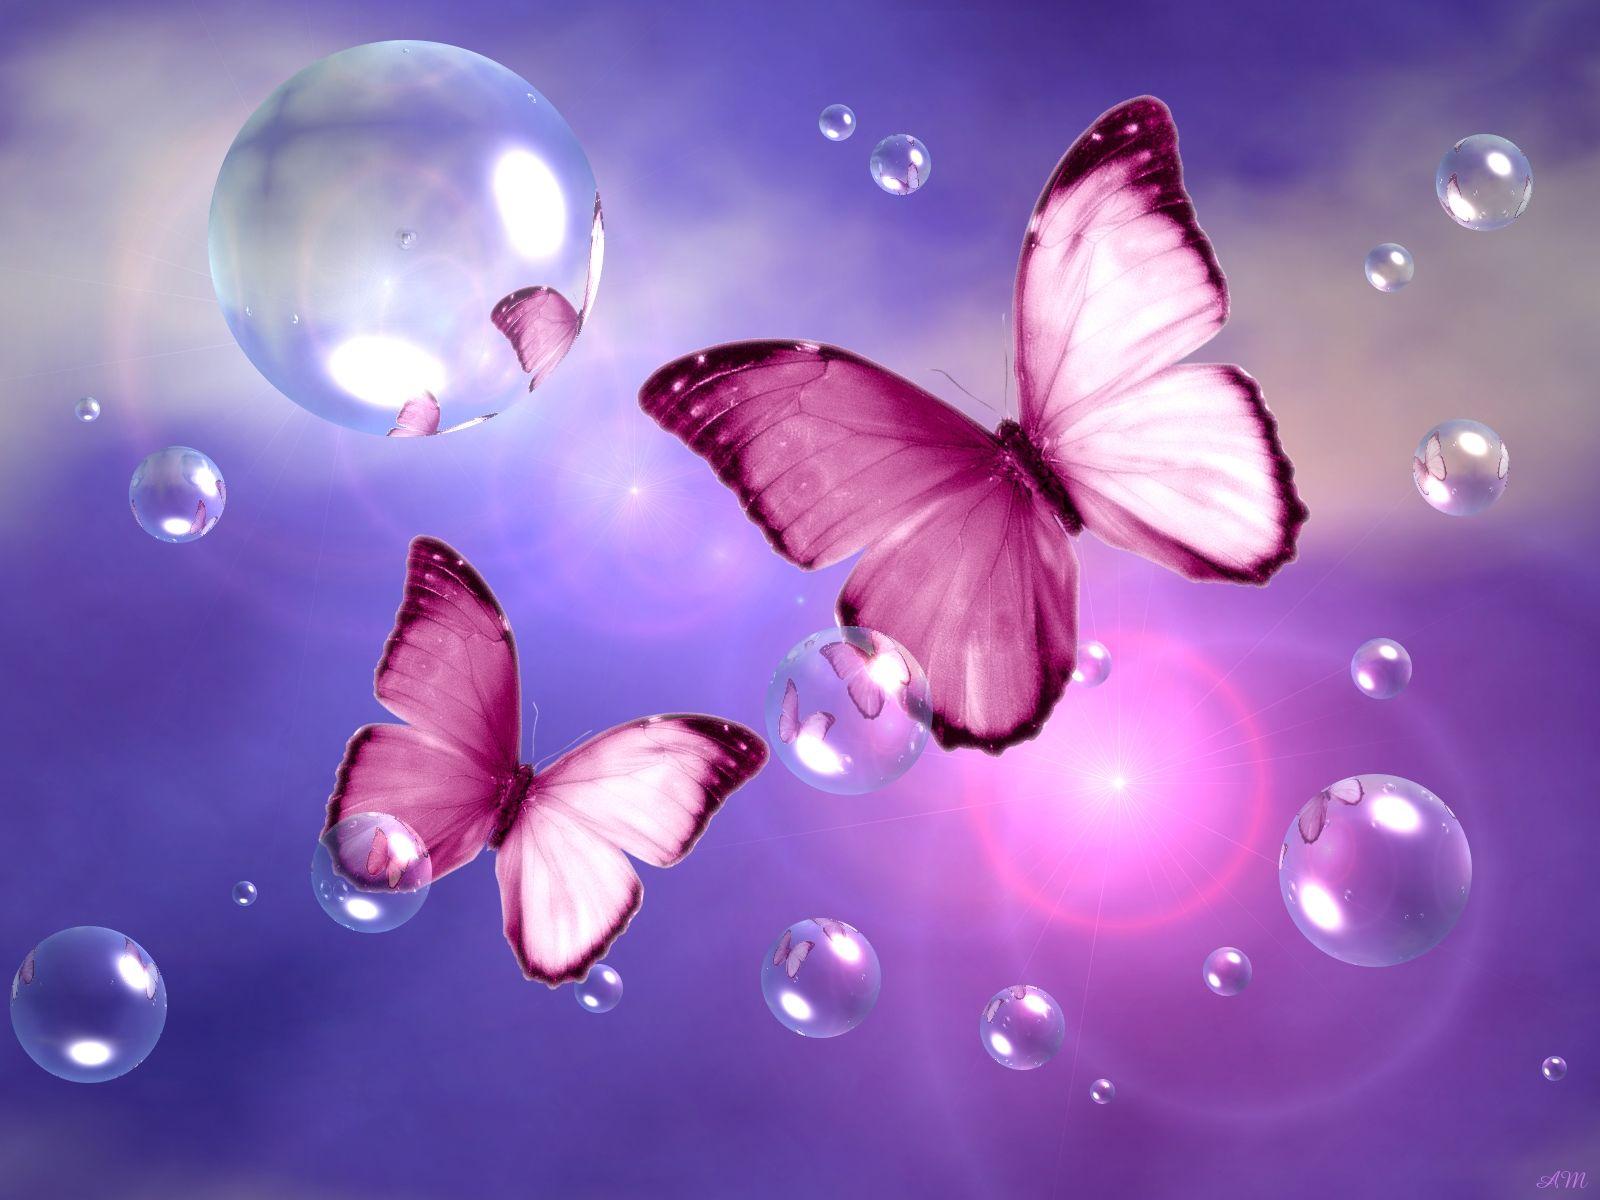 Black Glitter Wallpaper Bedroom Fantasy Butterflies Purple Www Pixshark Com Images